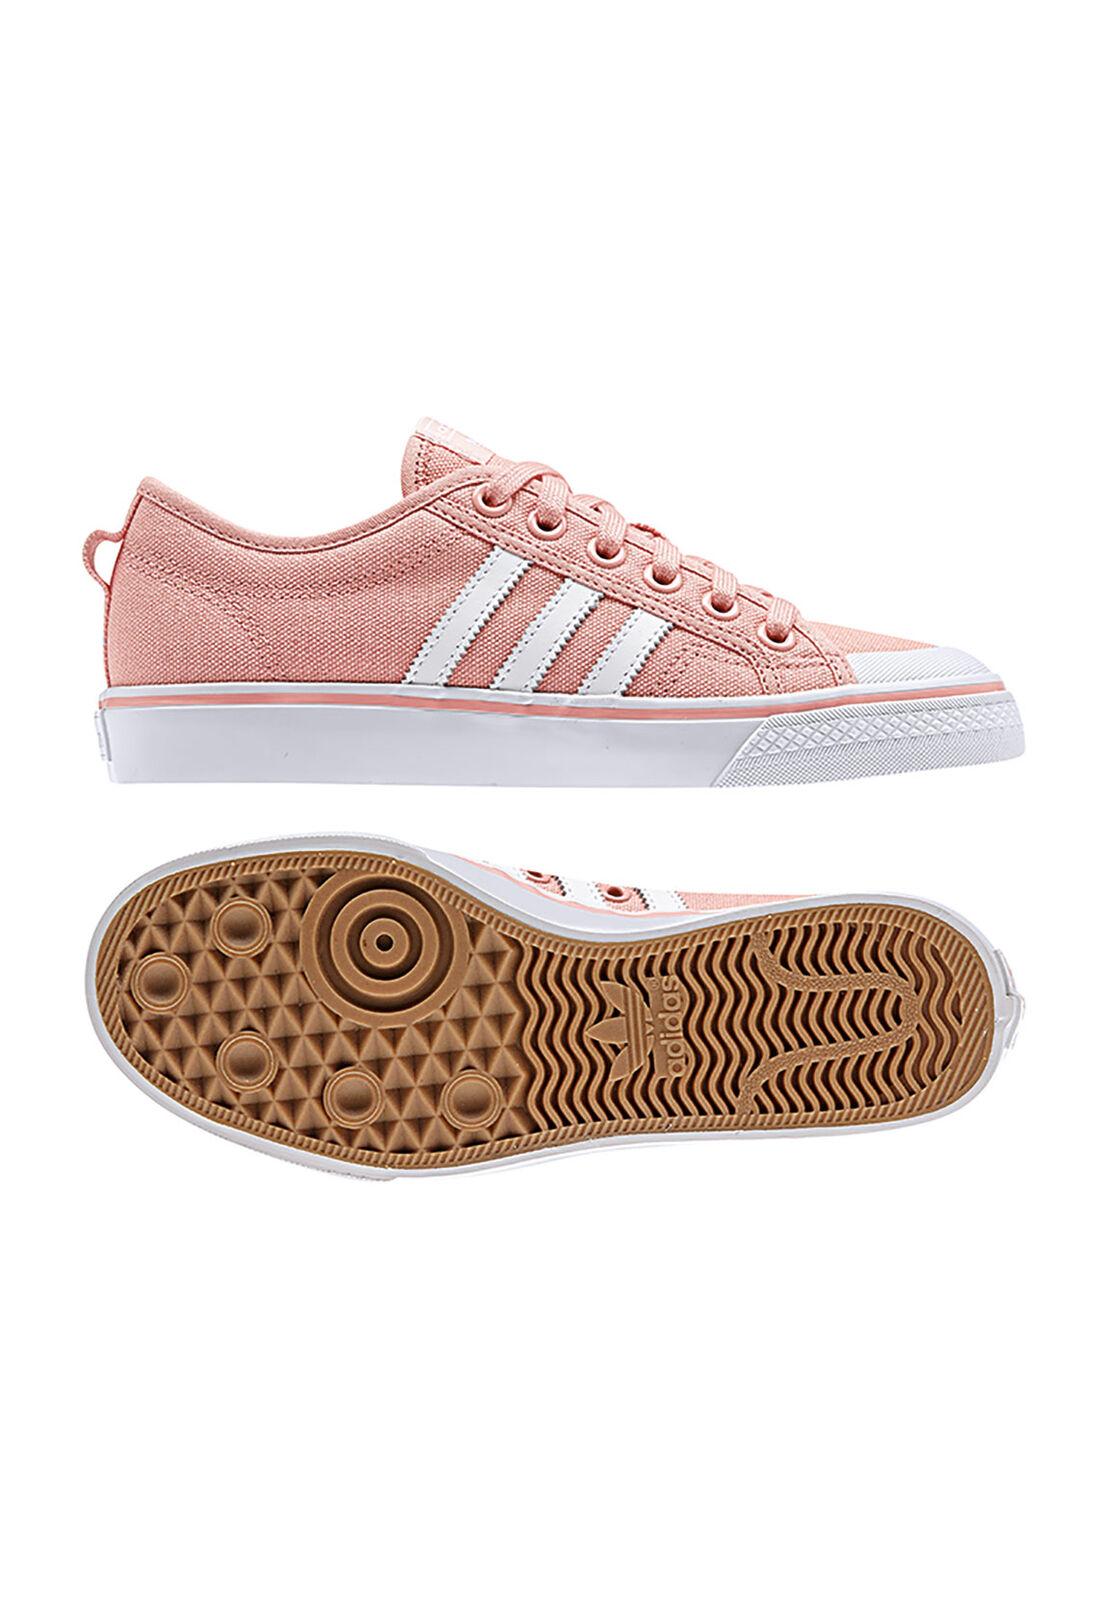 Adidas Originals Women's Sneakers Nizza W D96554 pink